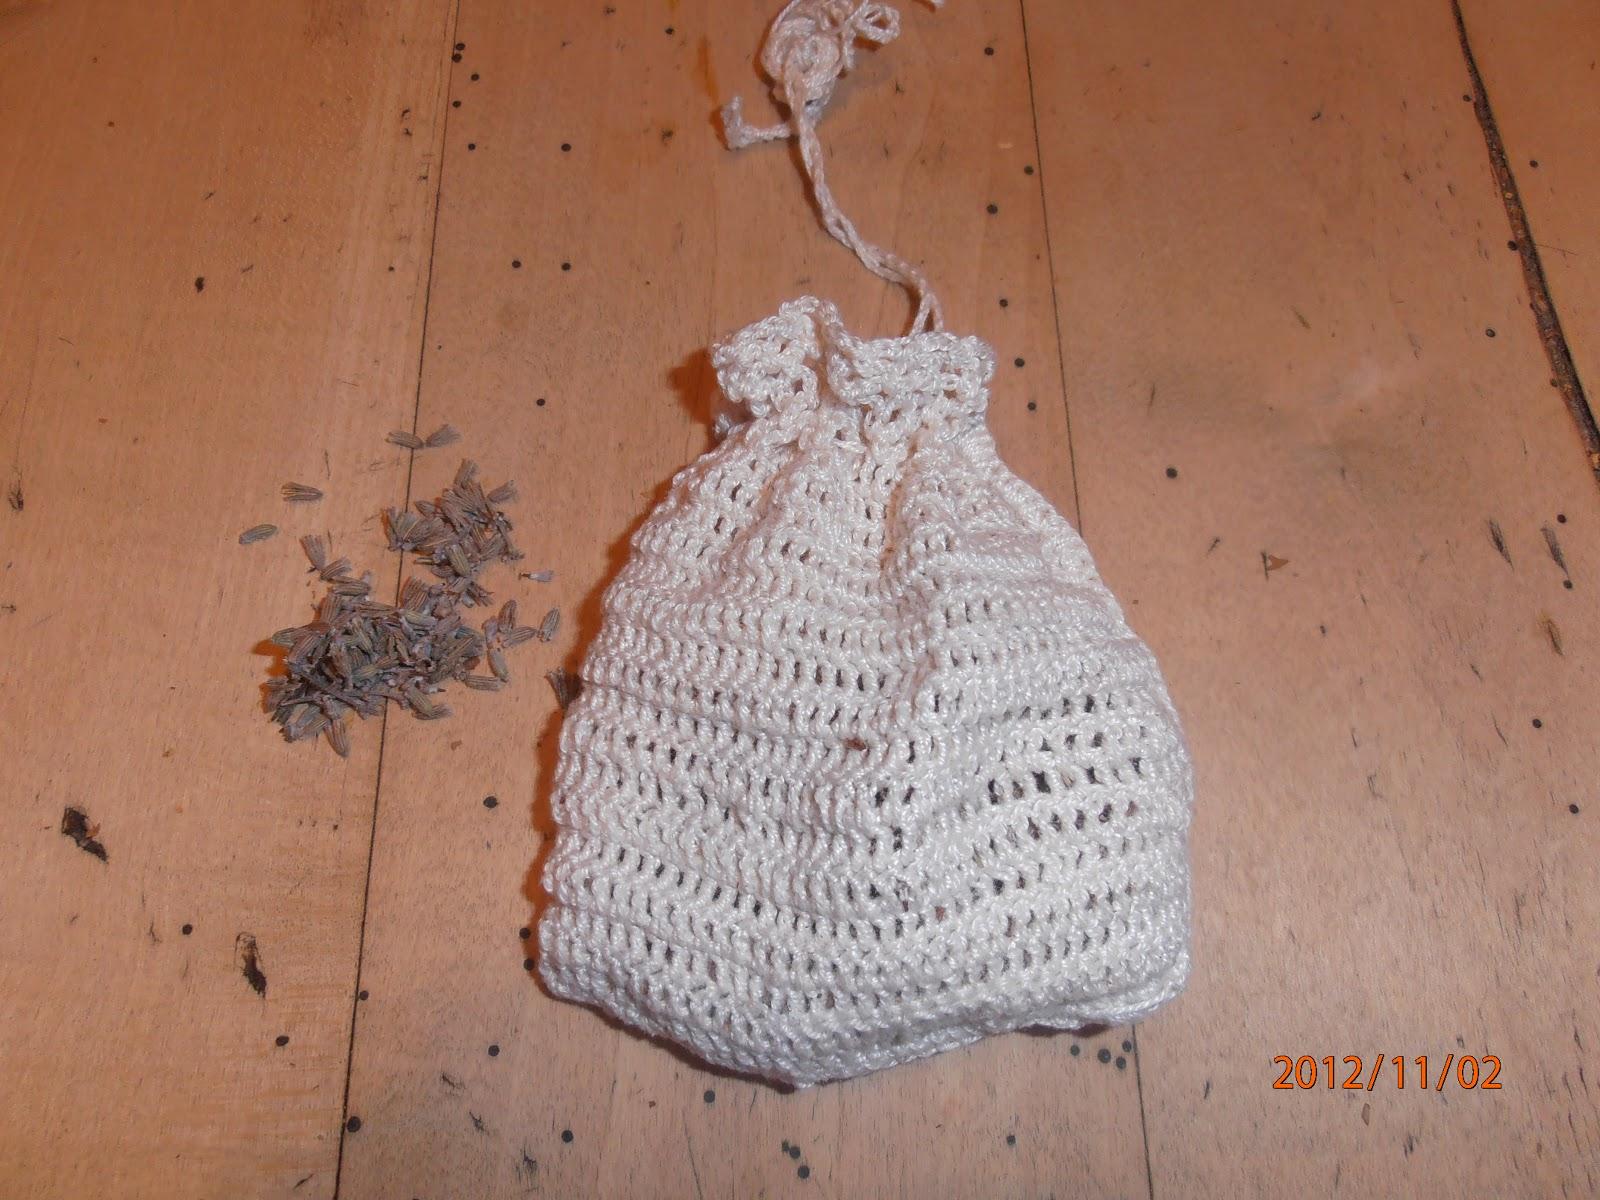 Les trucs et astuces de kiki petit sachet au crochet senteur lavande pour armoire - Odeur chaussure sachet de the ...